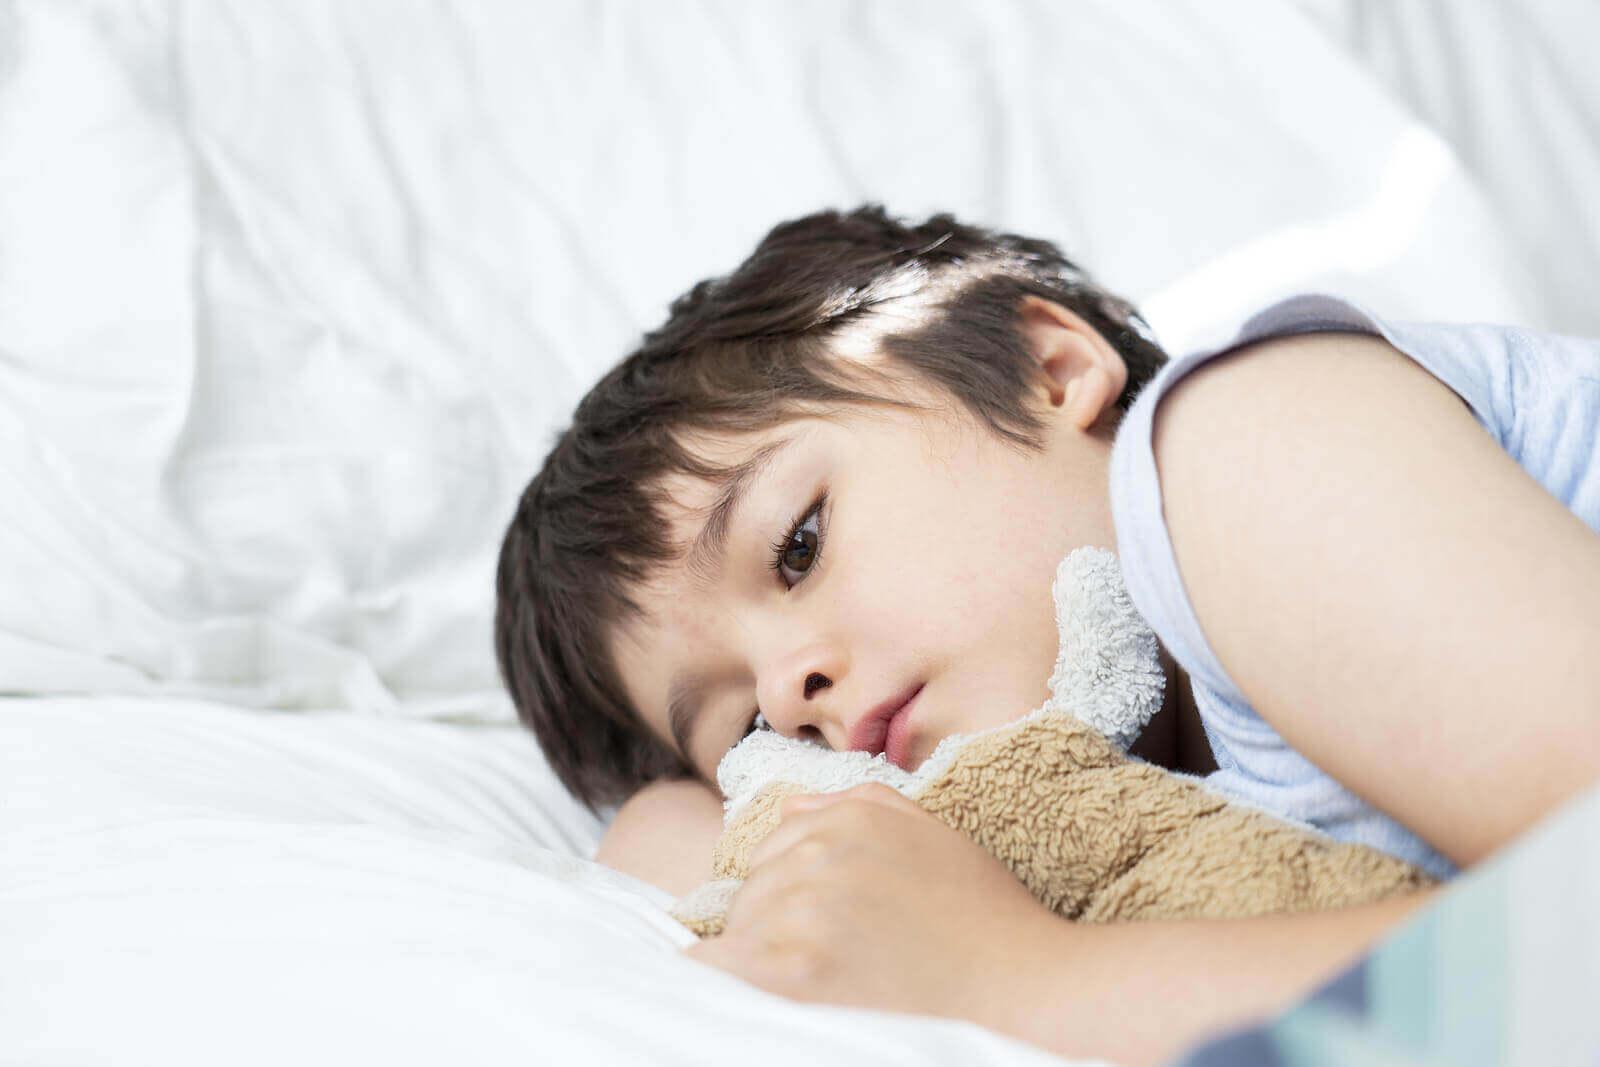 어린 시절의 정신적 피로를 피하는 방법